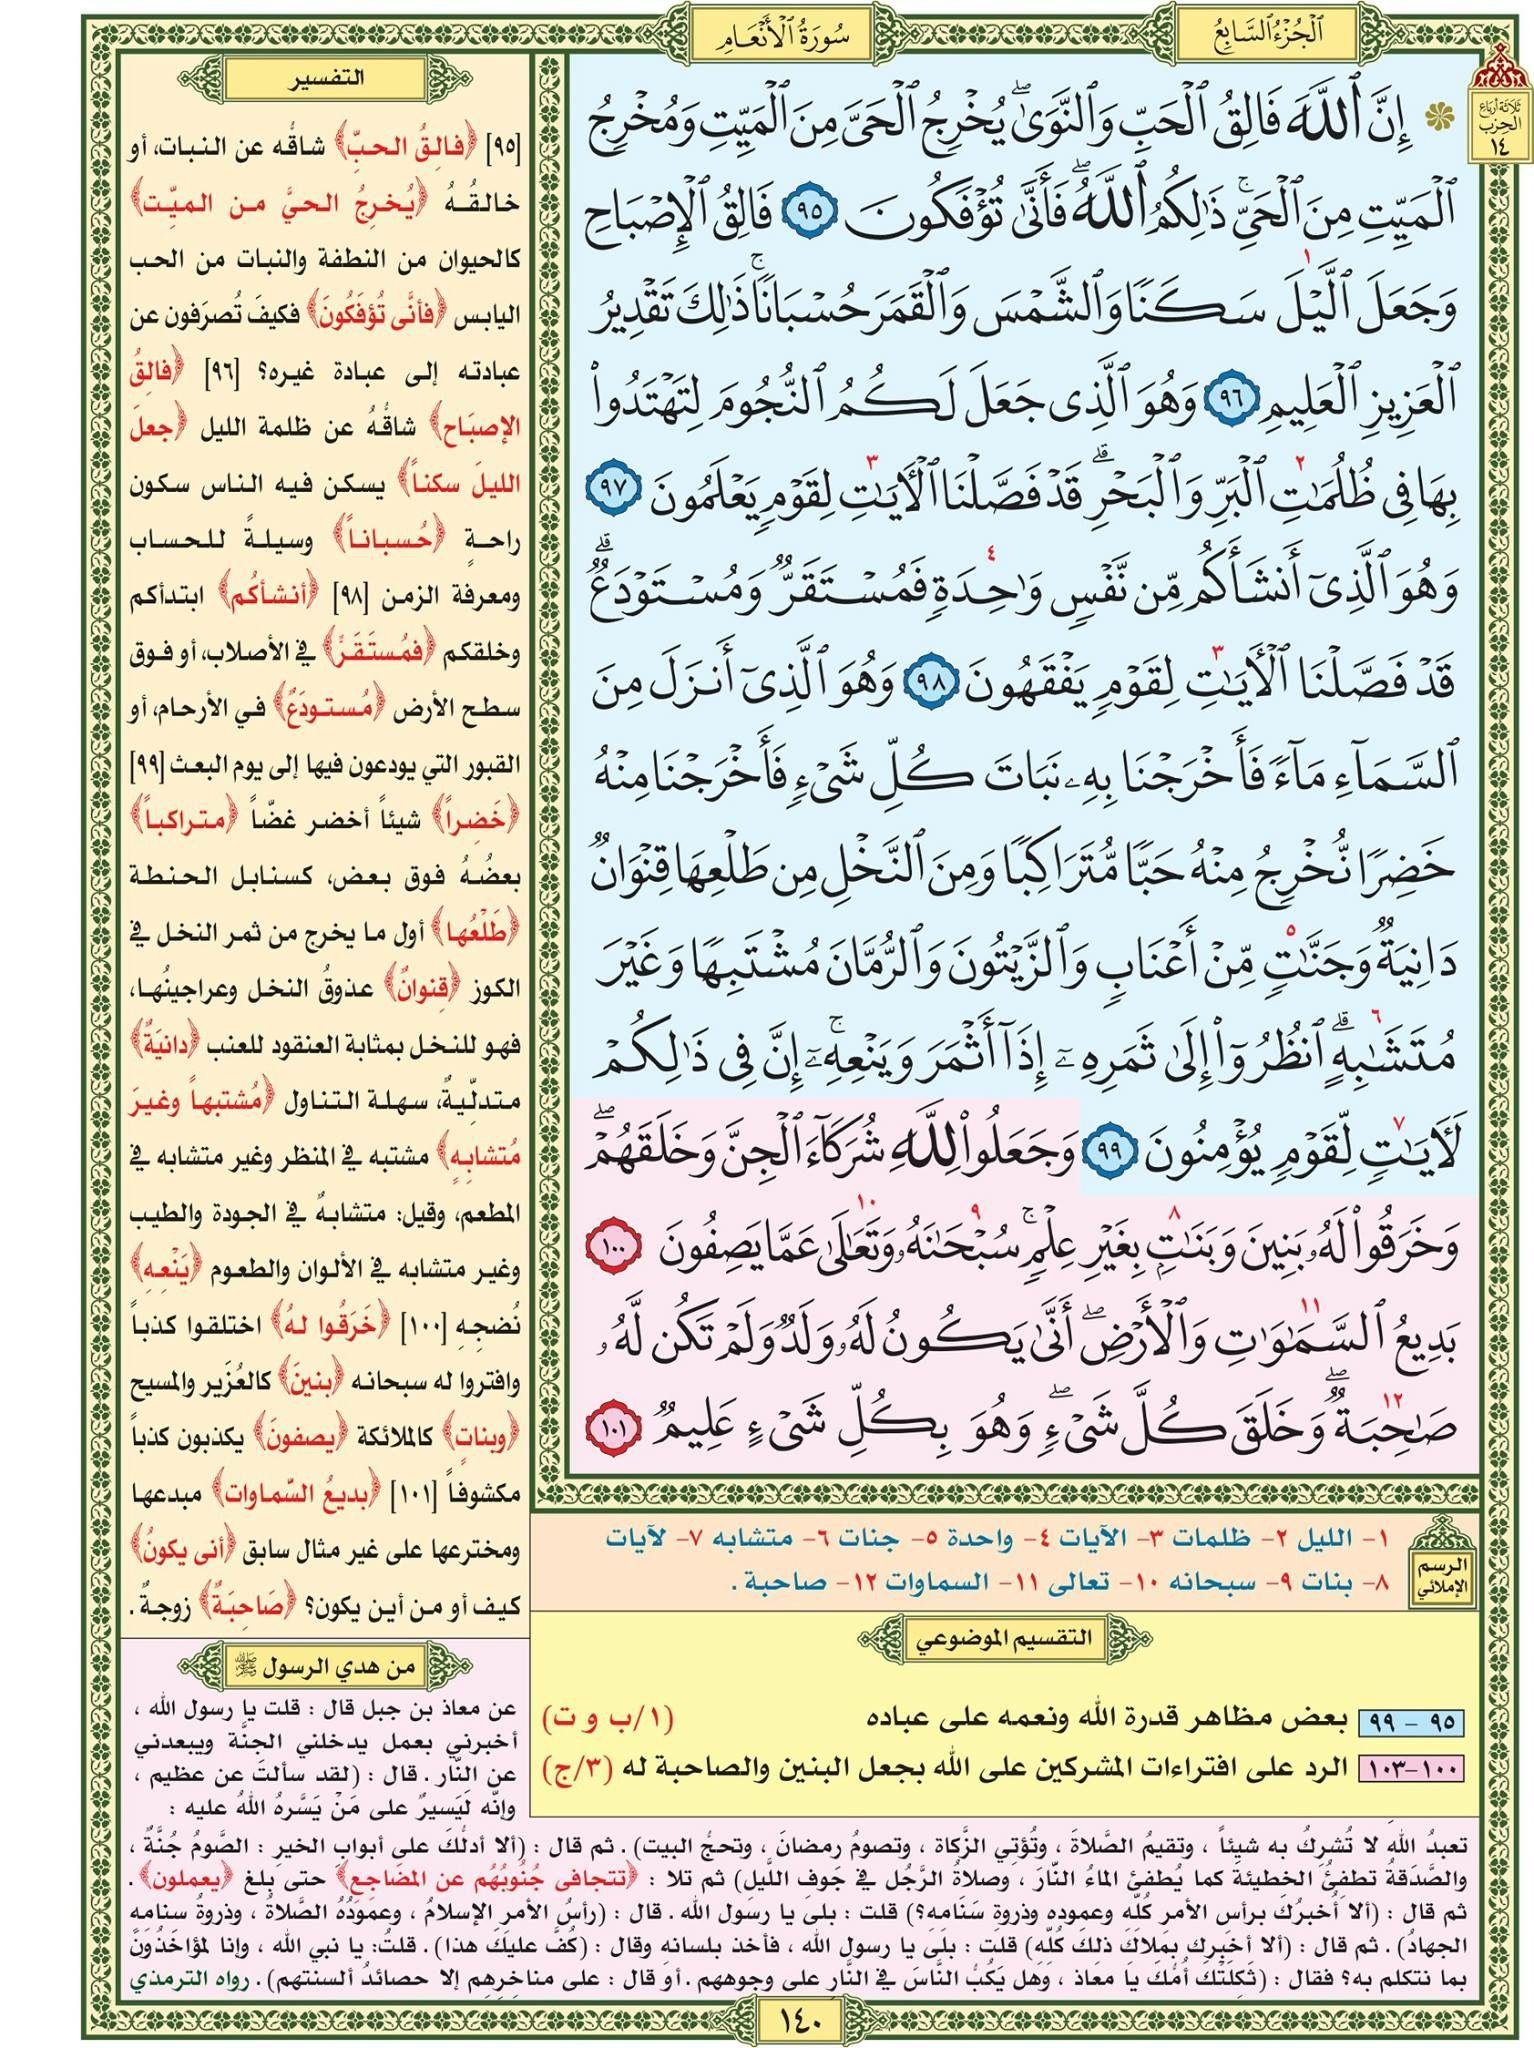 سورة الأنعام صفحة ١٤٠ مصحف التقسيم الموضوعي للحافظ المتقن Quran Verses Verses Bullet Journal